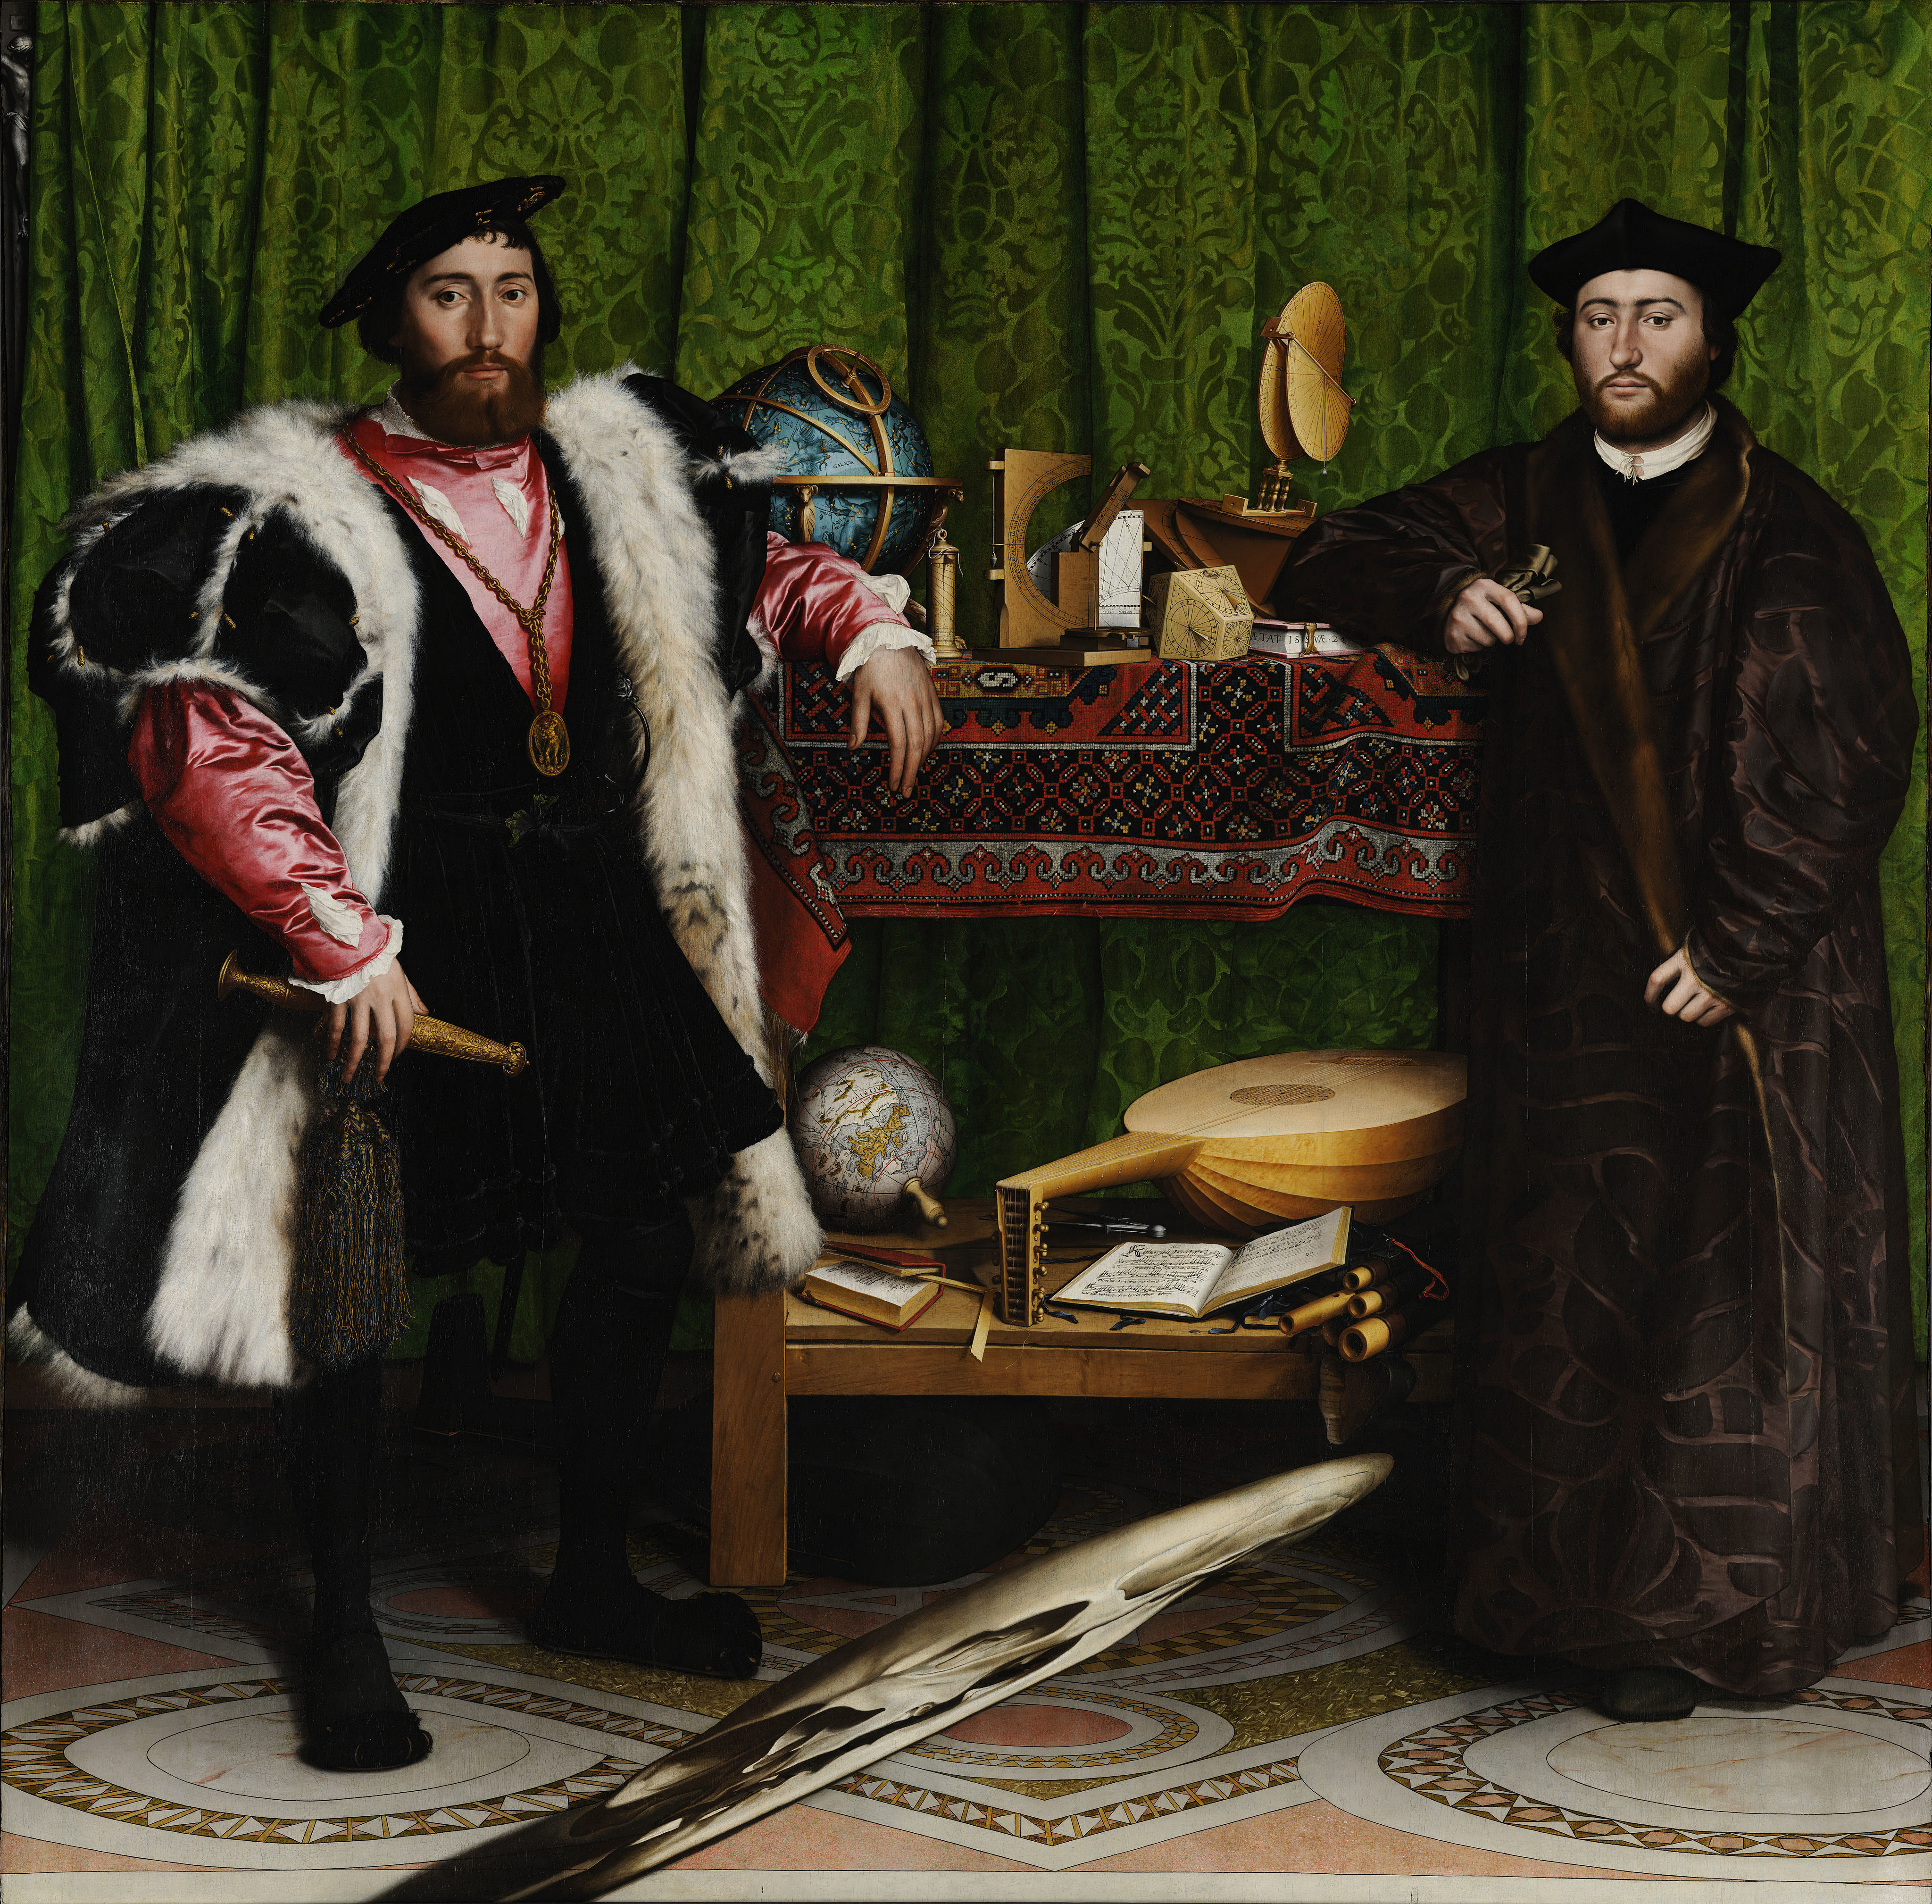 谷哥 故事 霍尔/油画《大使们》寓意何在?尤其是那个扭曲的头骨又是何含意?...